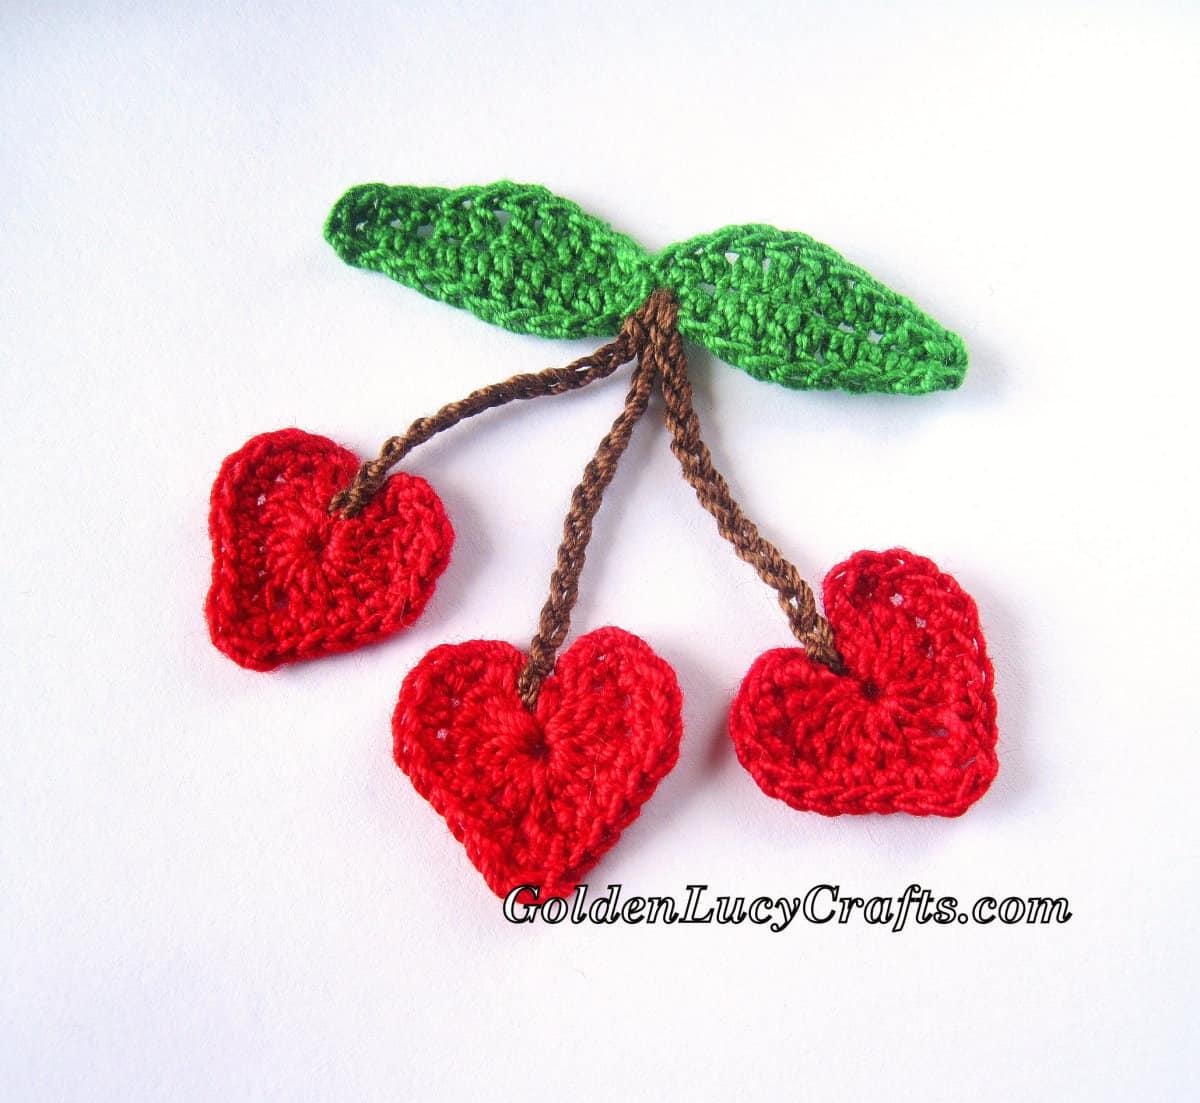 Crocheted heart-shaped three cherries.